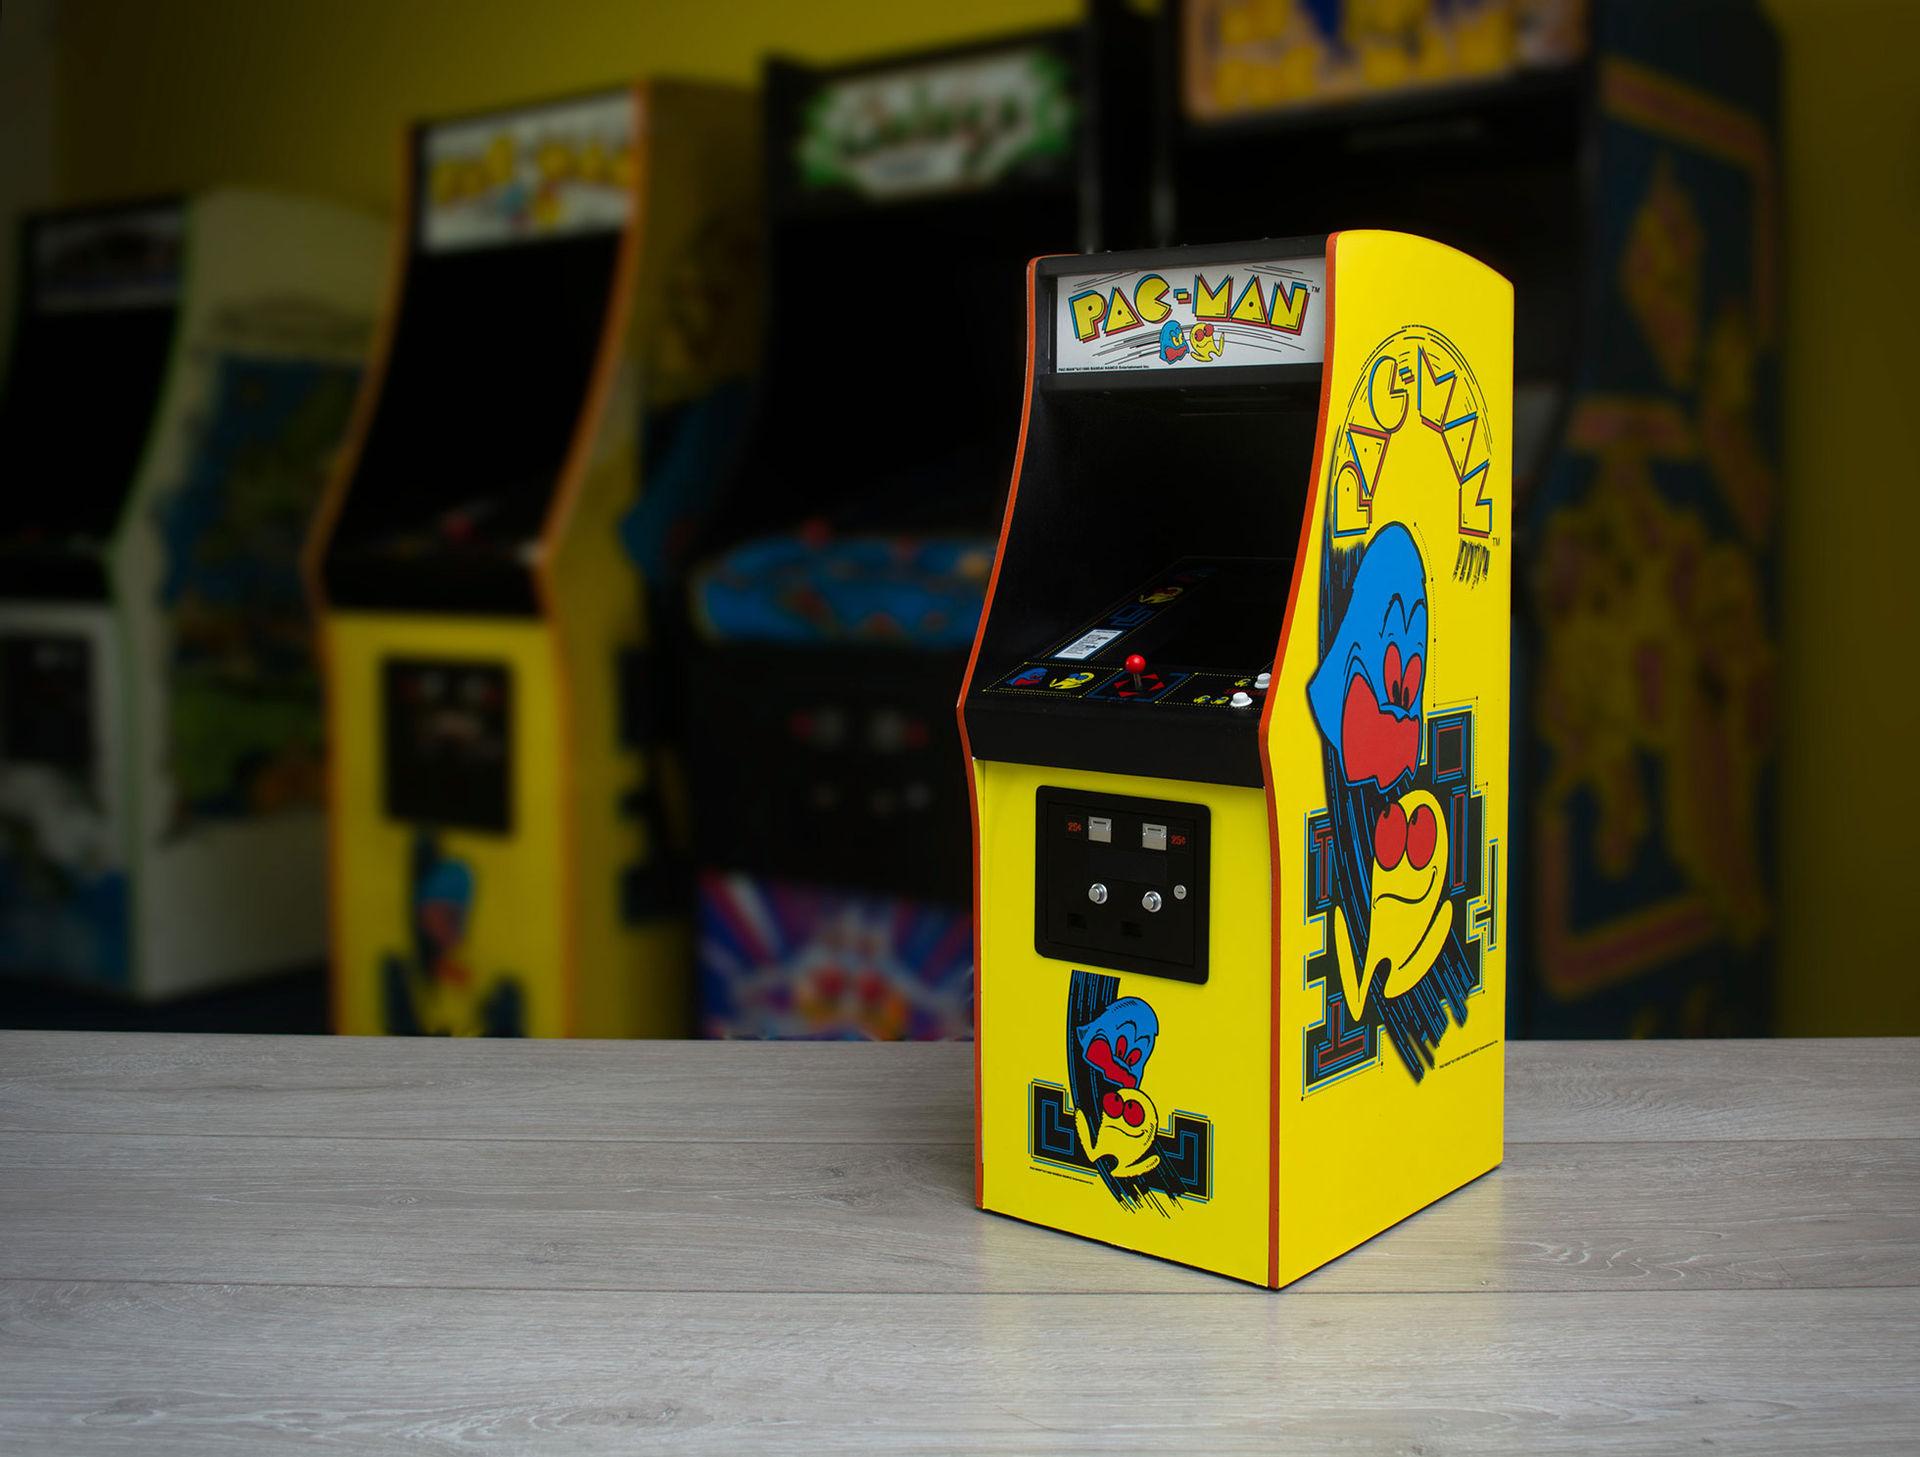 Exakt replika av Pac-Man i arkadform